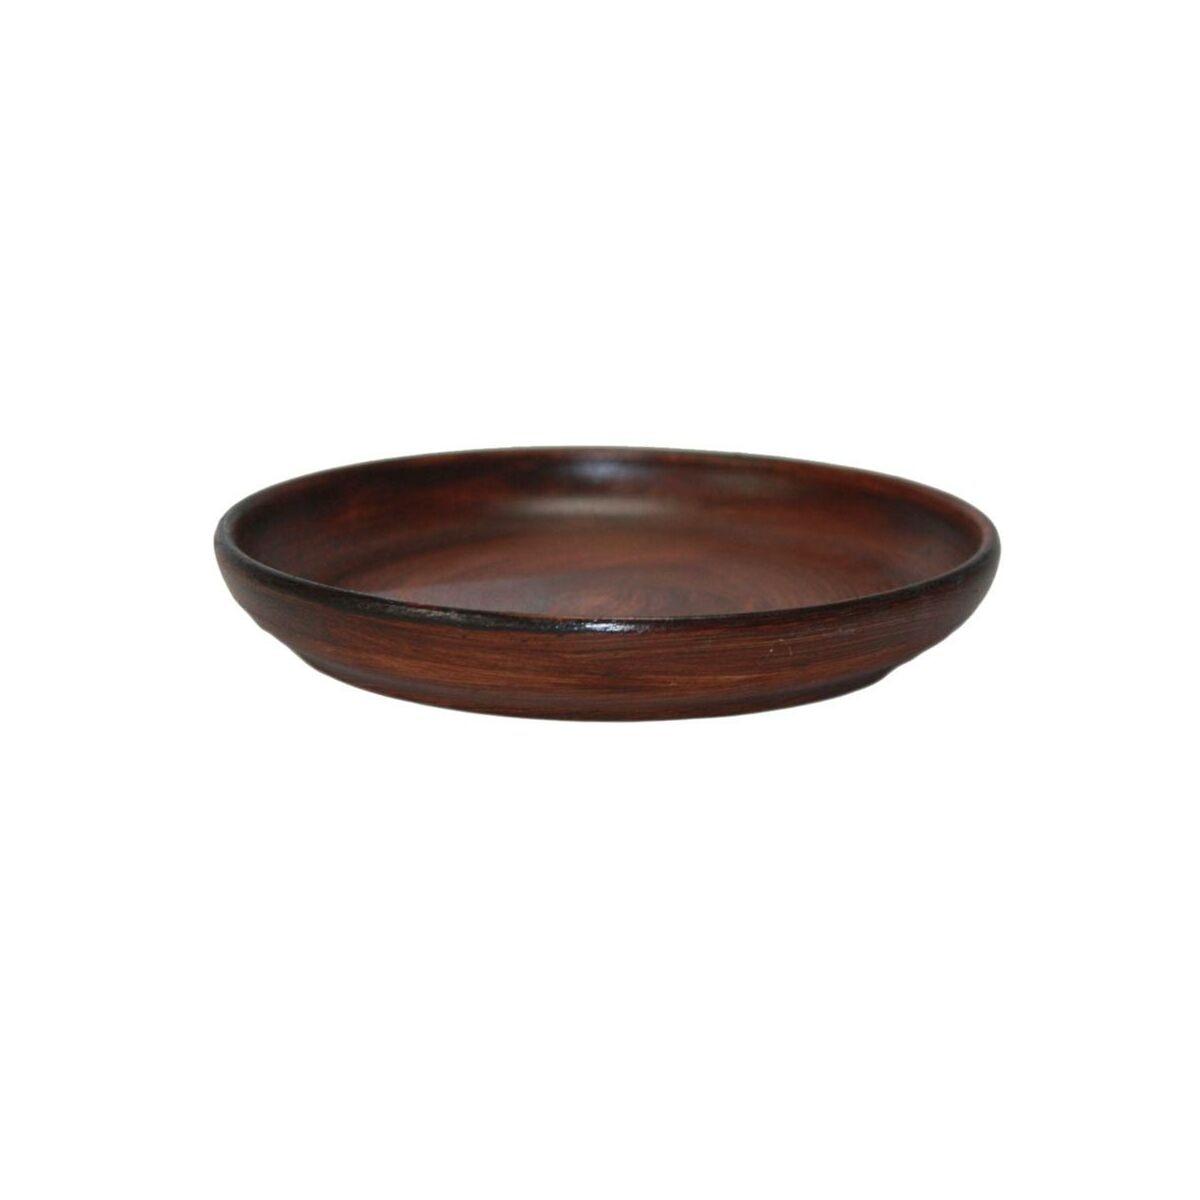 Podstawka Pod Doniczkę 25 Cm Ceramiczna Brązowa Eko Ceramika